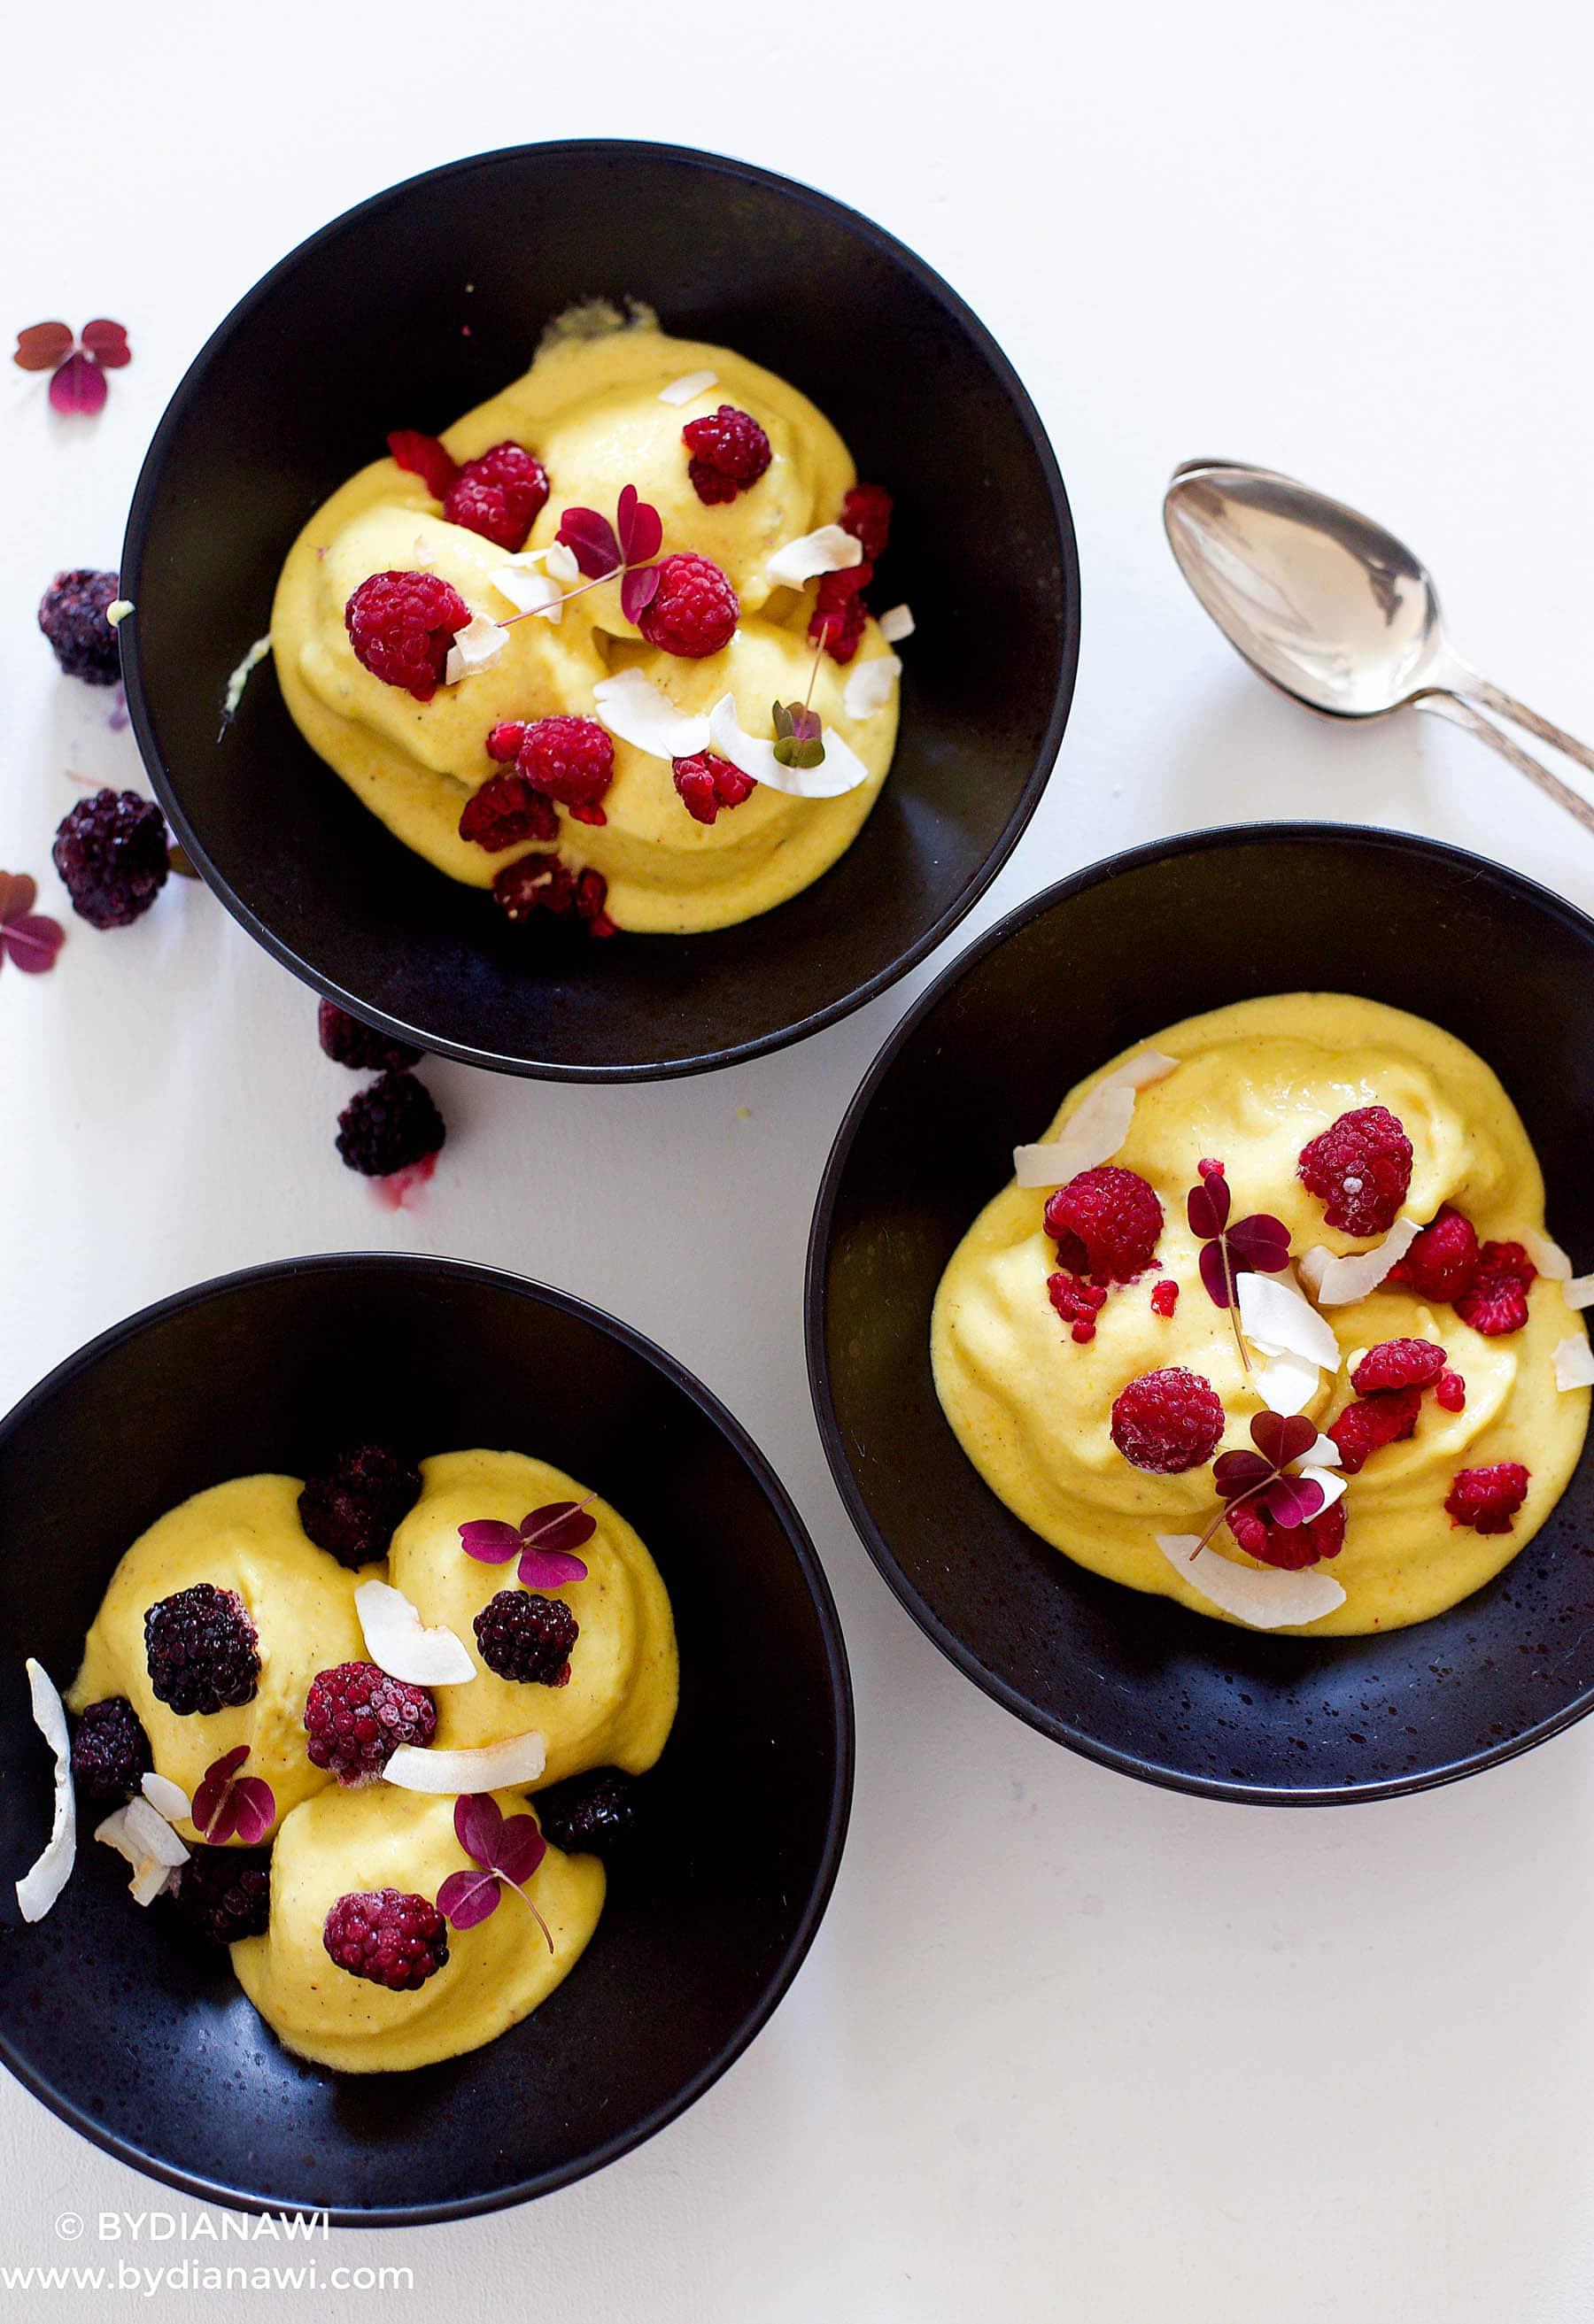 Opskrift på sund bananis med ingefær, mango og gurkemeje